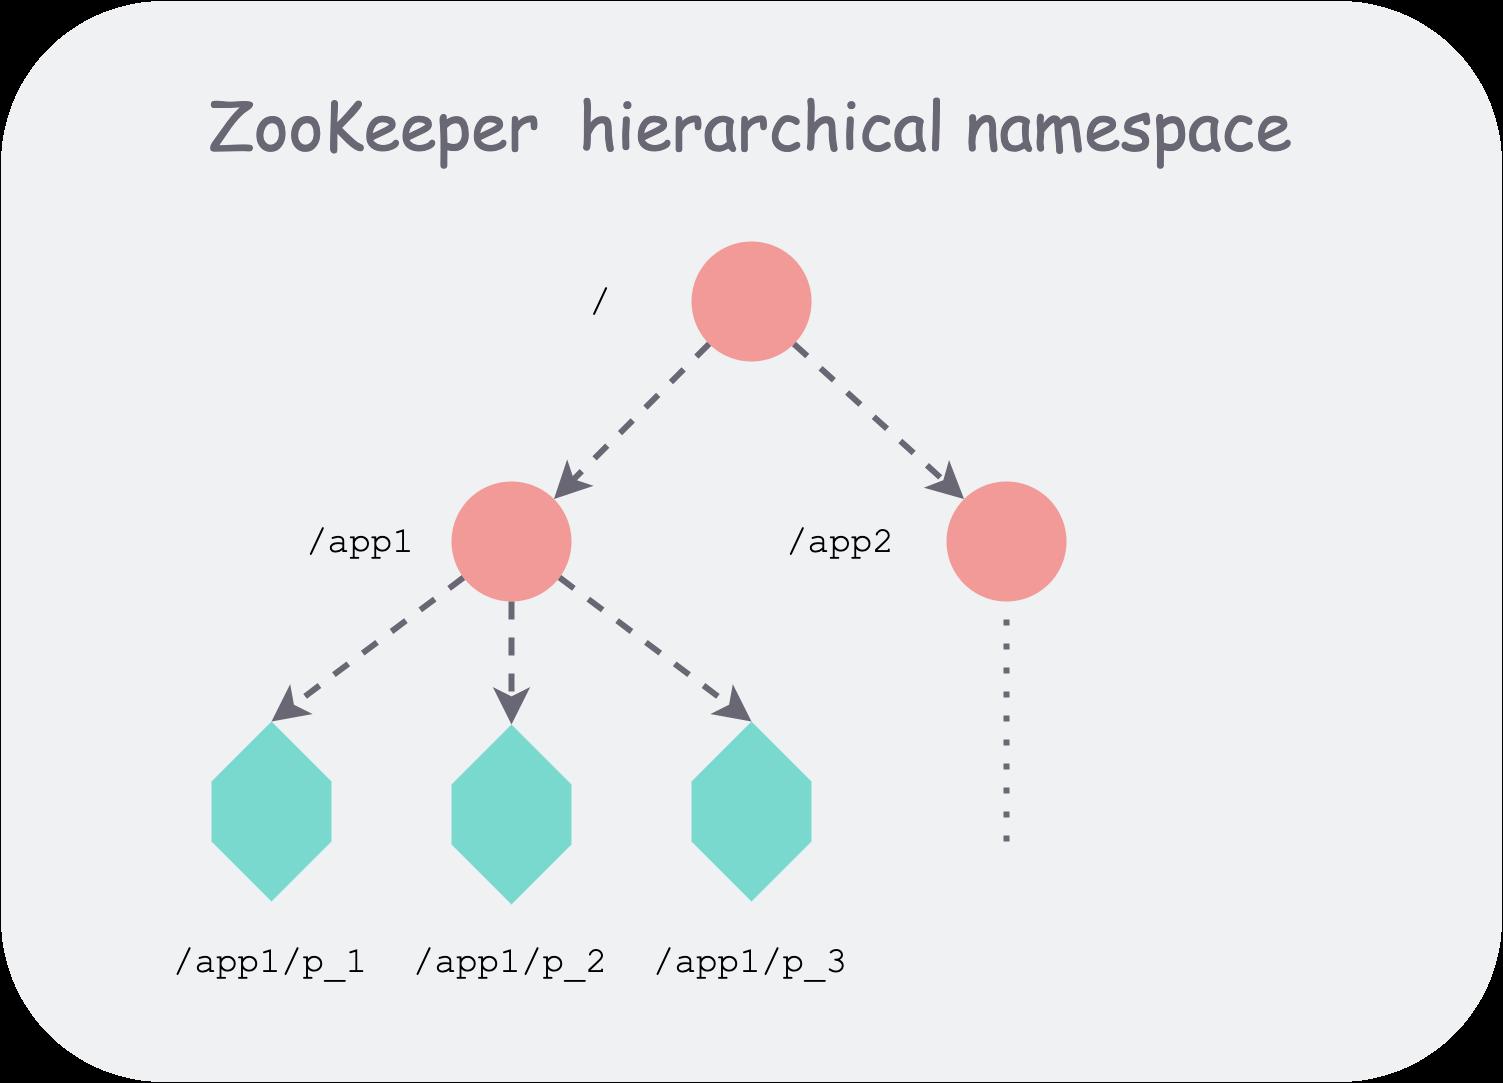 zookeeper 层次化的命名空间组织